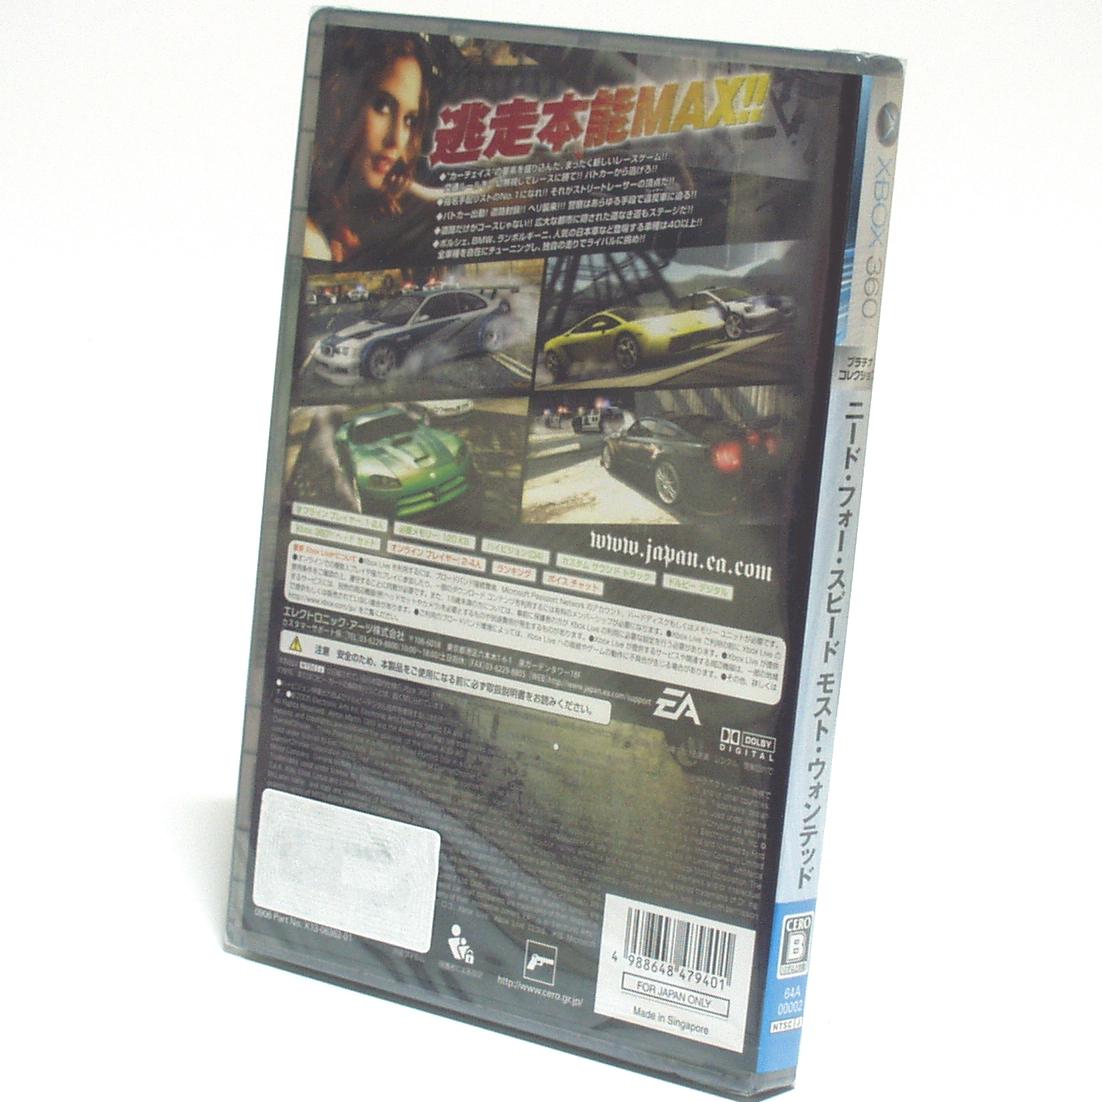 ■【未開封】ニード・フォー・スピード モスト・ウォンテッド Xbox360 プラチナコレクション NEED FOR SPEED: MOST WANTED EA ■ B2